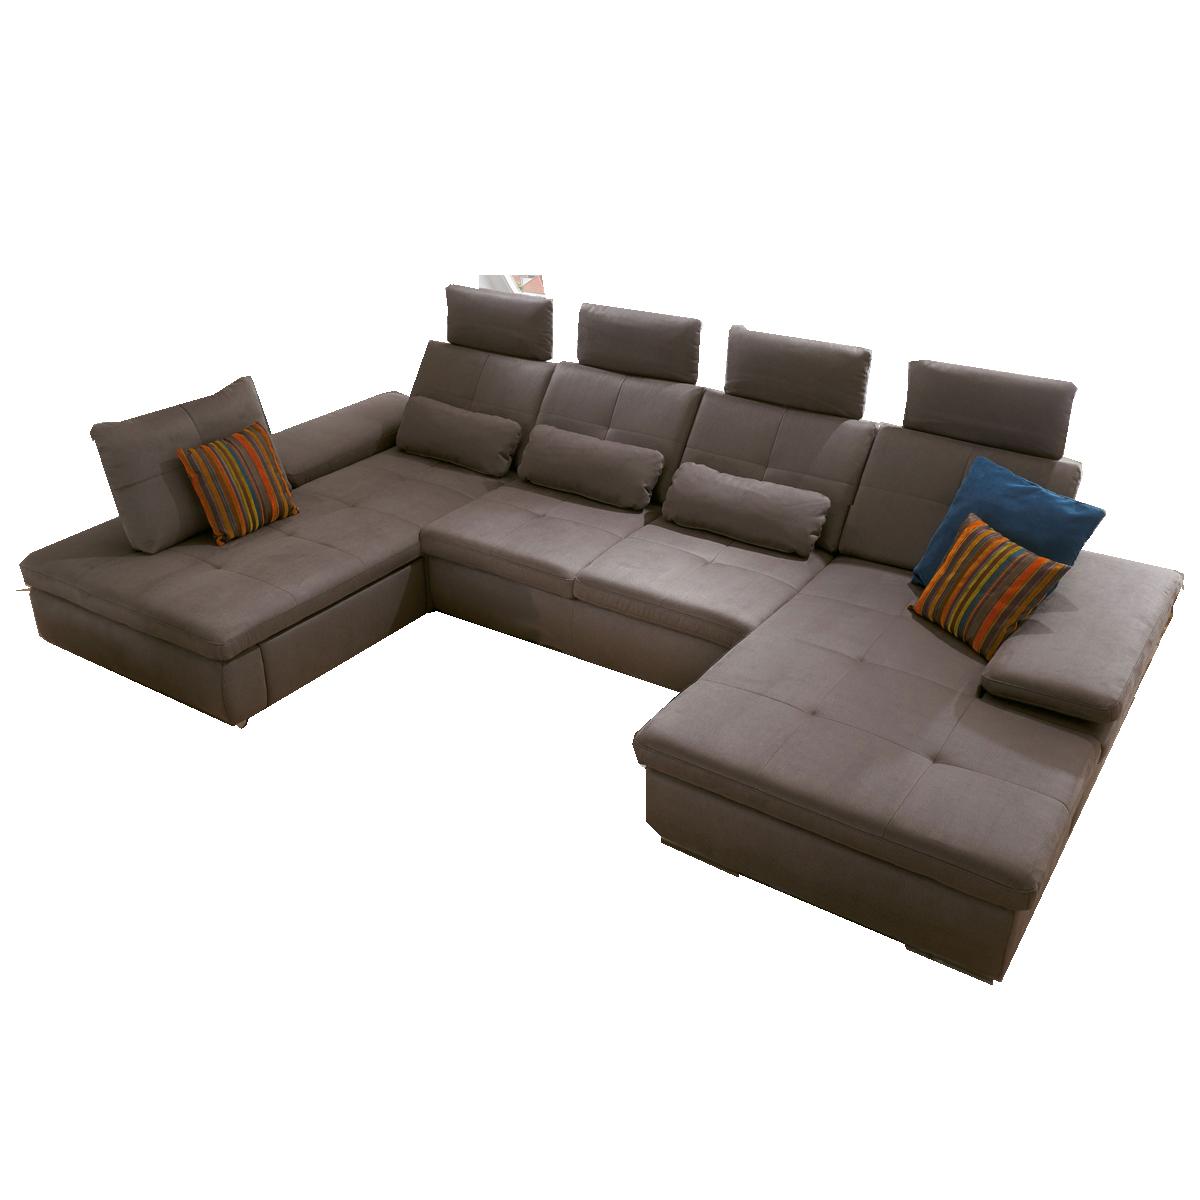 Full Size of Megapol Sofa Stage Argo Konfigurator Couch Message Stadion 3er Terassen Canape W Schillig Weiches Garnitur Günstig Kaufen Chippendale Big Mit Schlaffunktion Sofa Megapol Sofa